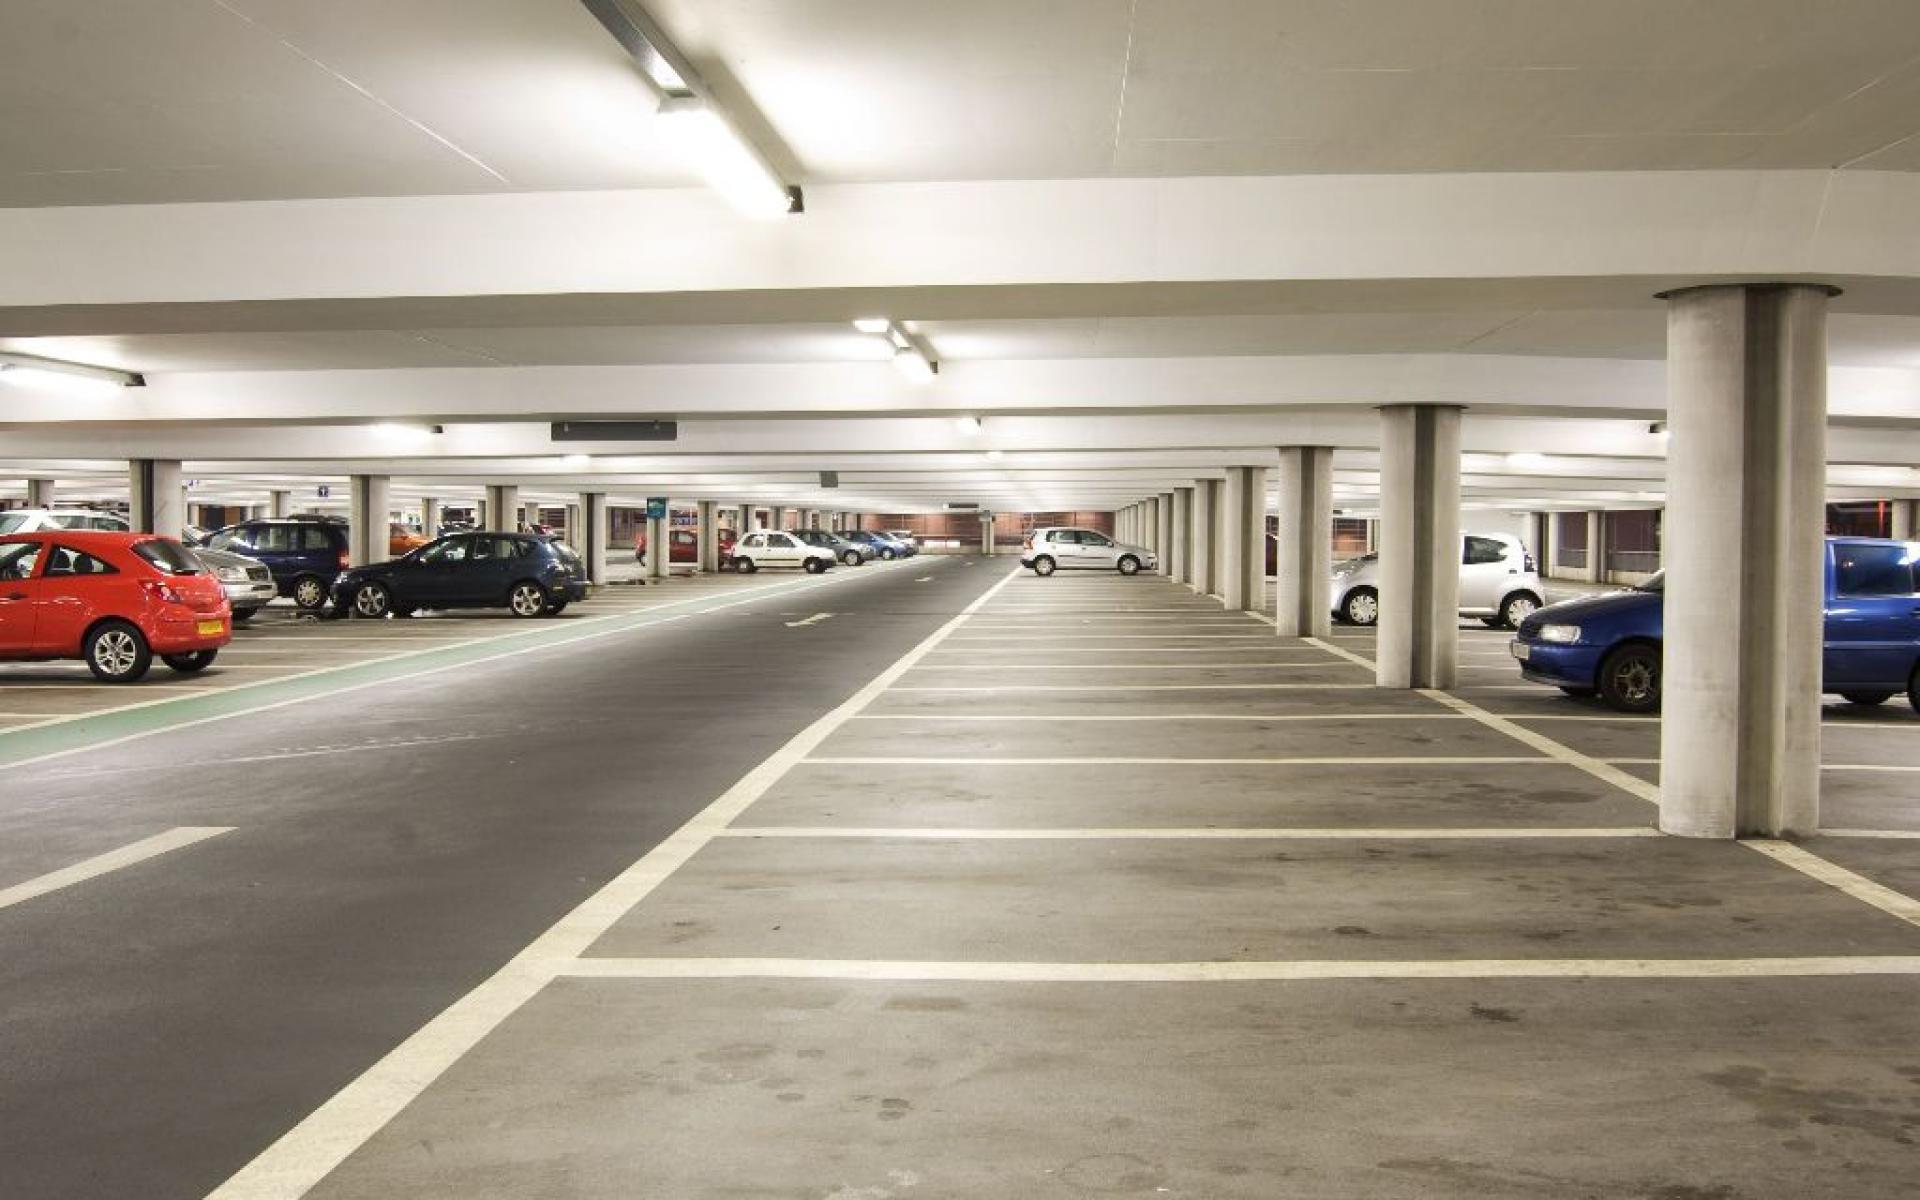 Une place de parking pour aider les autres